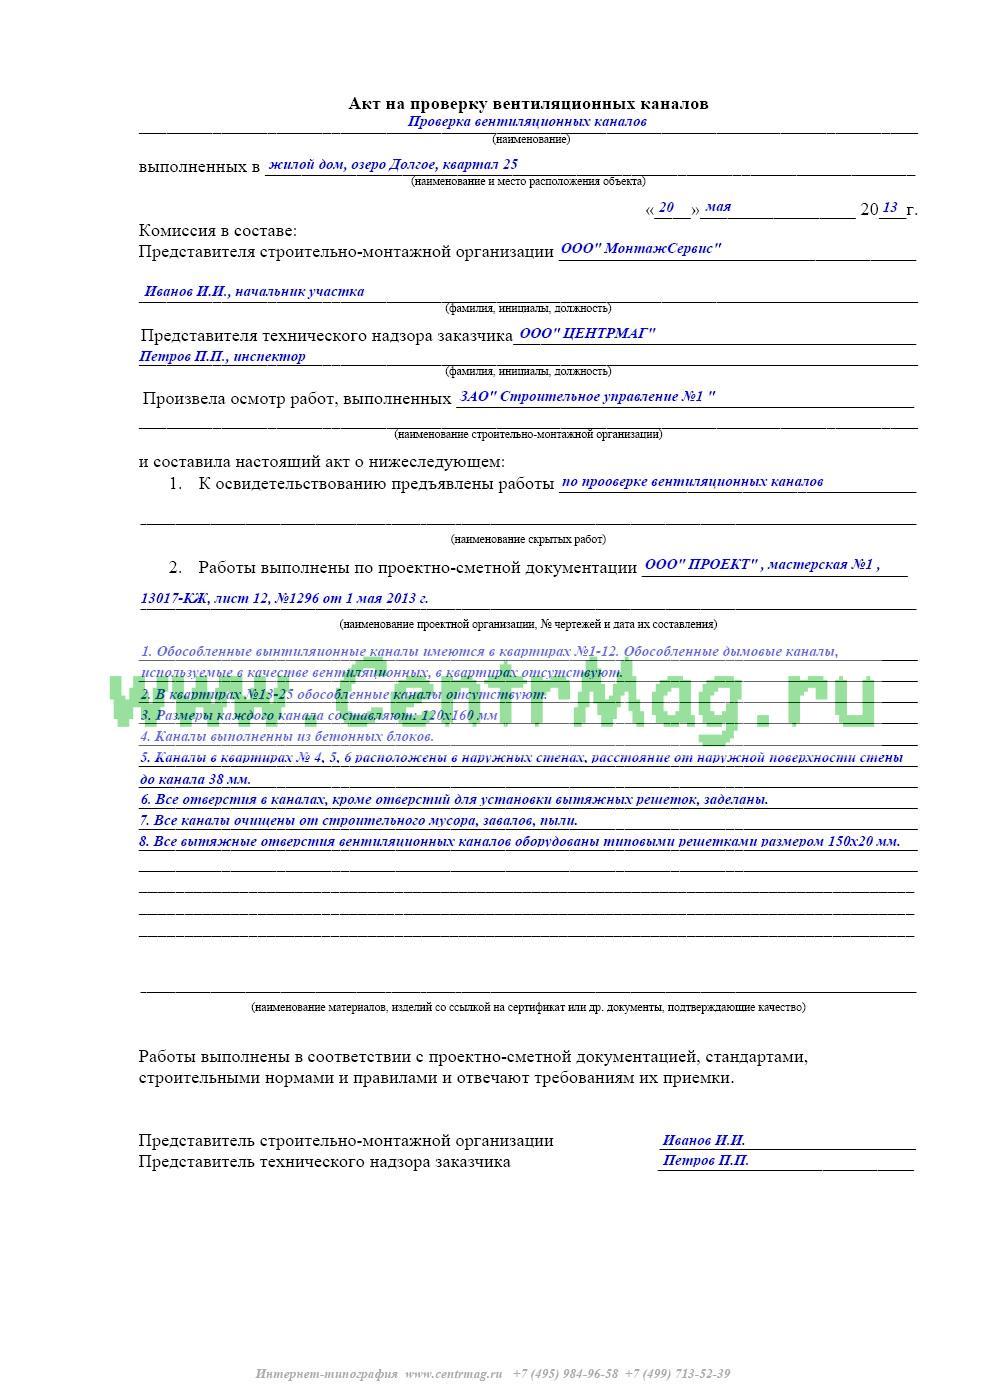 Инструкция по проведению очистки и дезинфекции систем вентиляции и кондиционирования воздуха, инструкция главного государственного санитарного врача по г.москве от 09 июня 2003 года